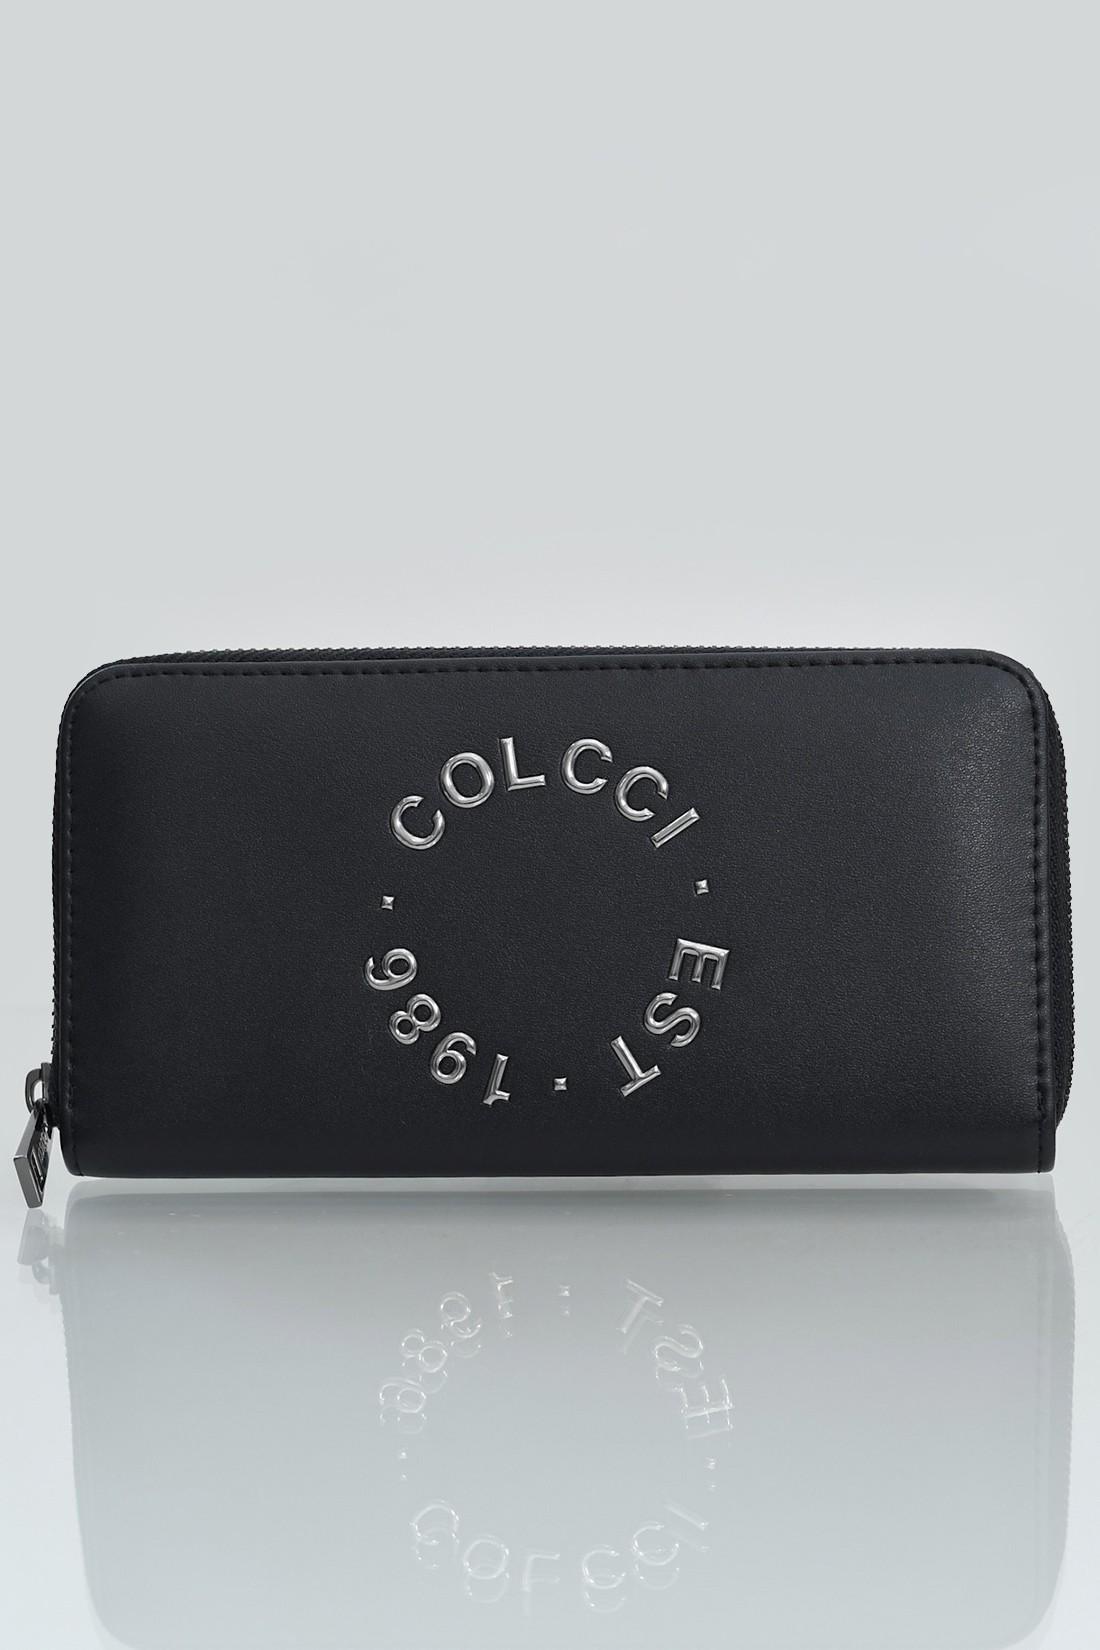 Carteira Fem Colcci Logo Circular